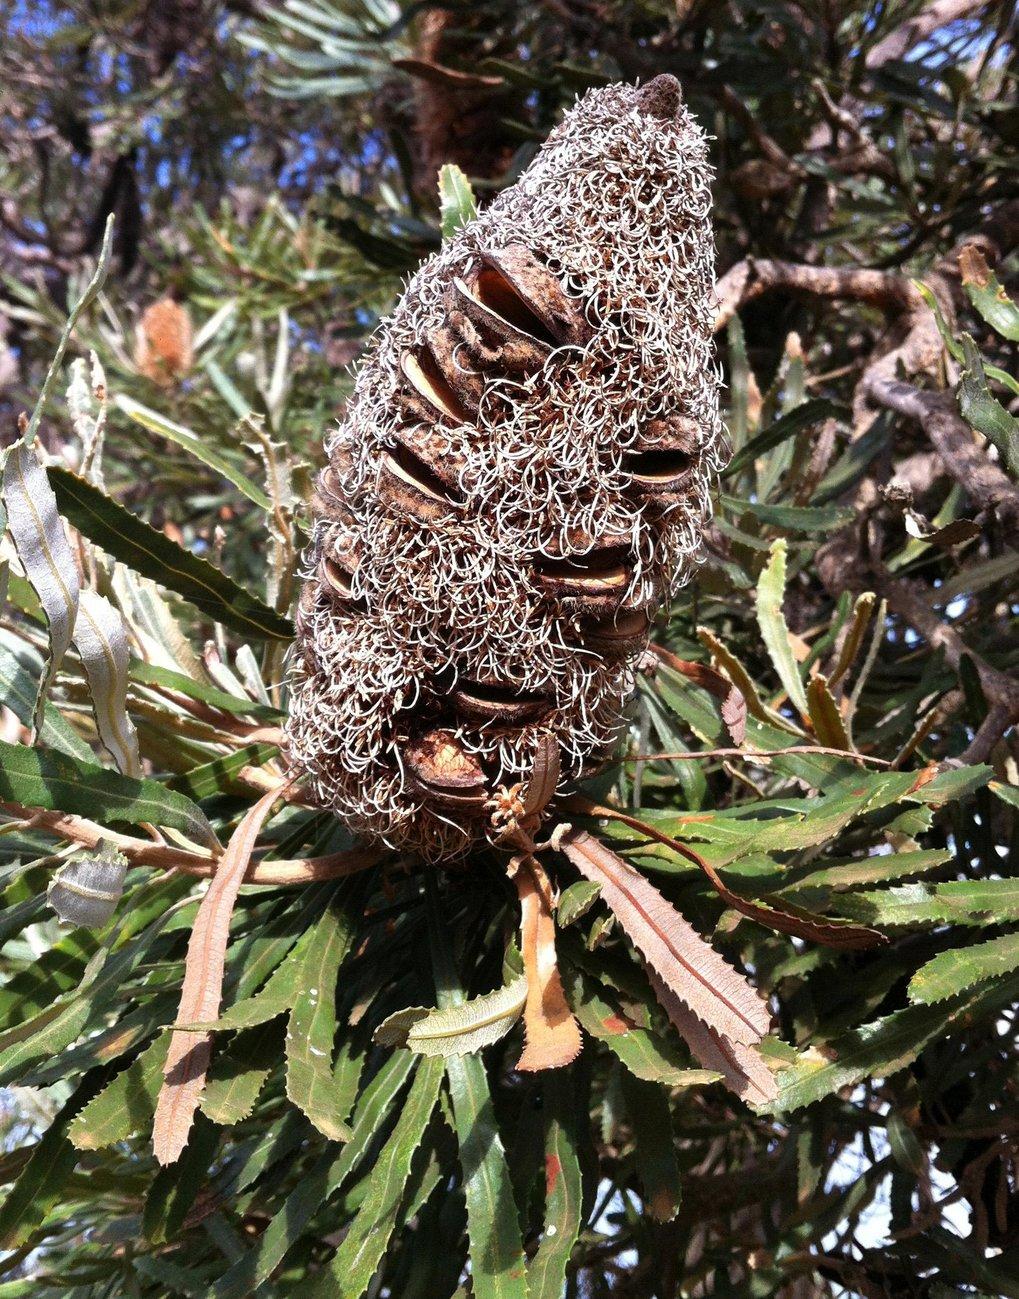 Reife Frucht von Banksia attenuata aus Westaustralien nahe Perth. Die Pflanzen dieser Art öffnen viele ihrer Samenkapseln auch ohne Feuer. Dies geschi